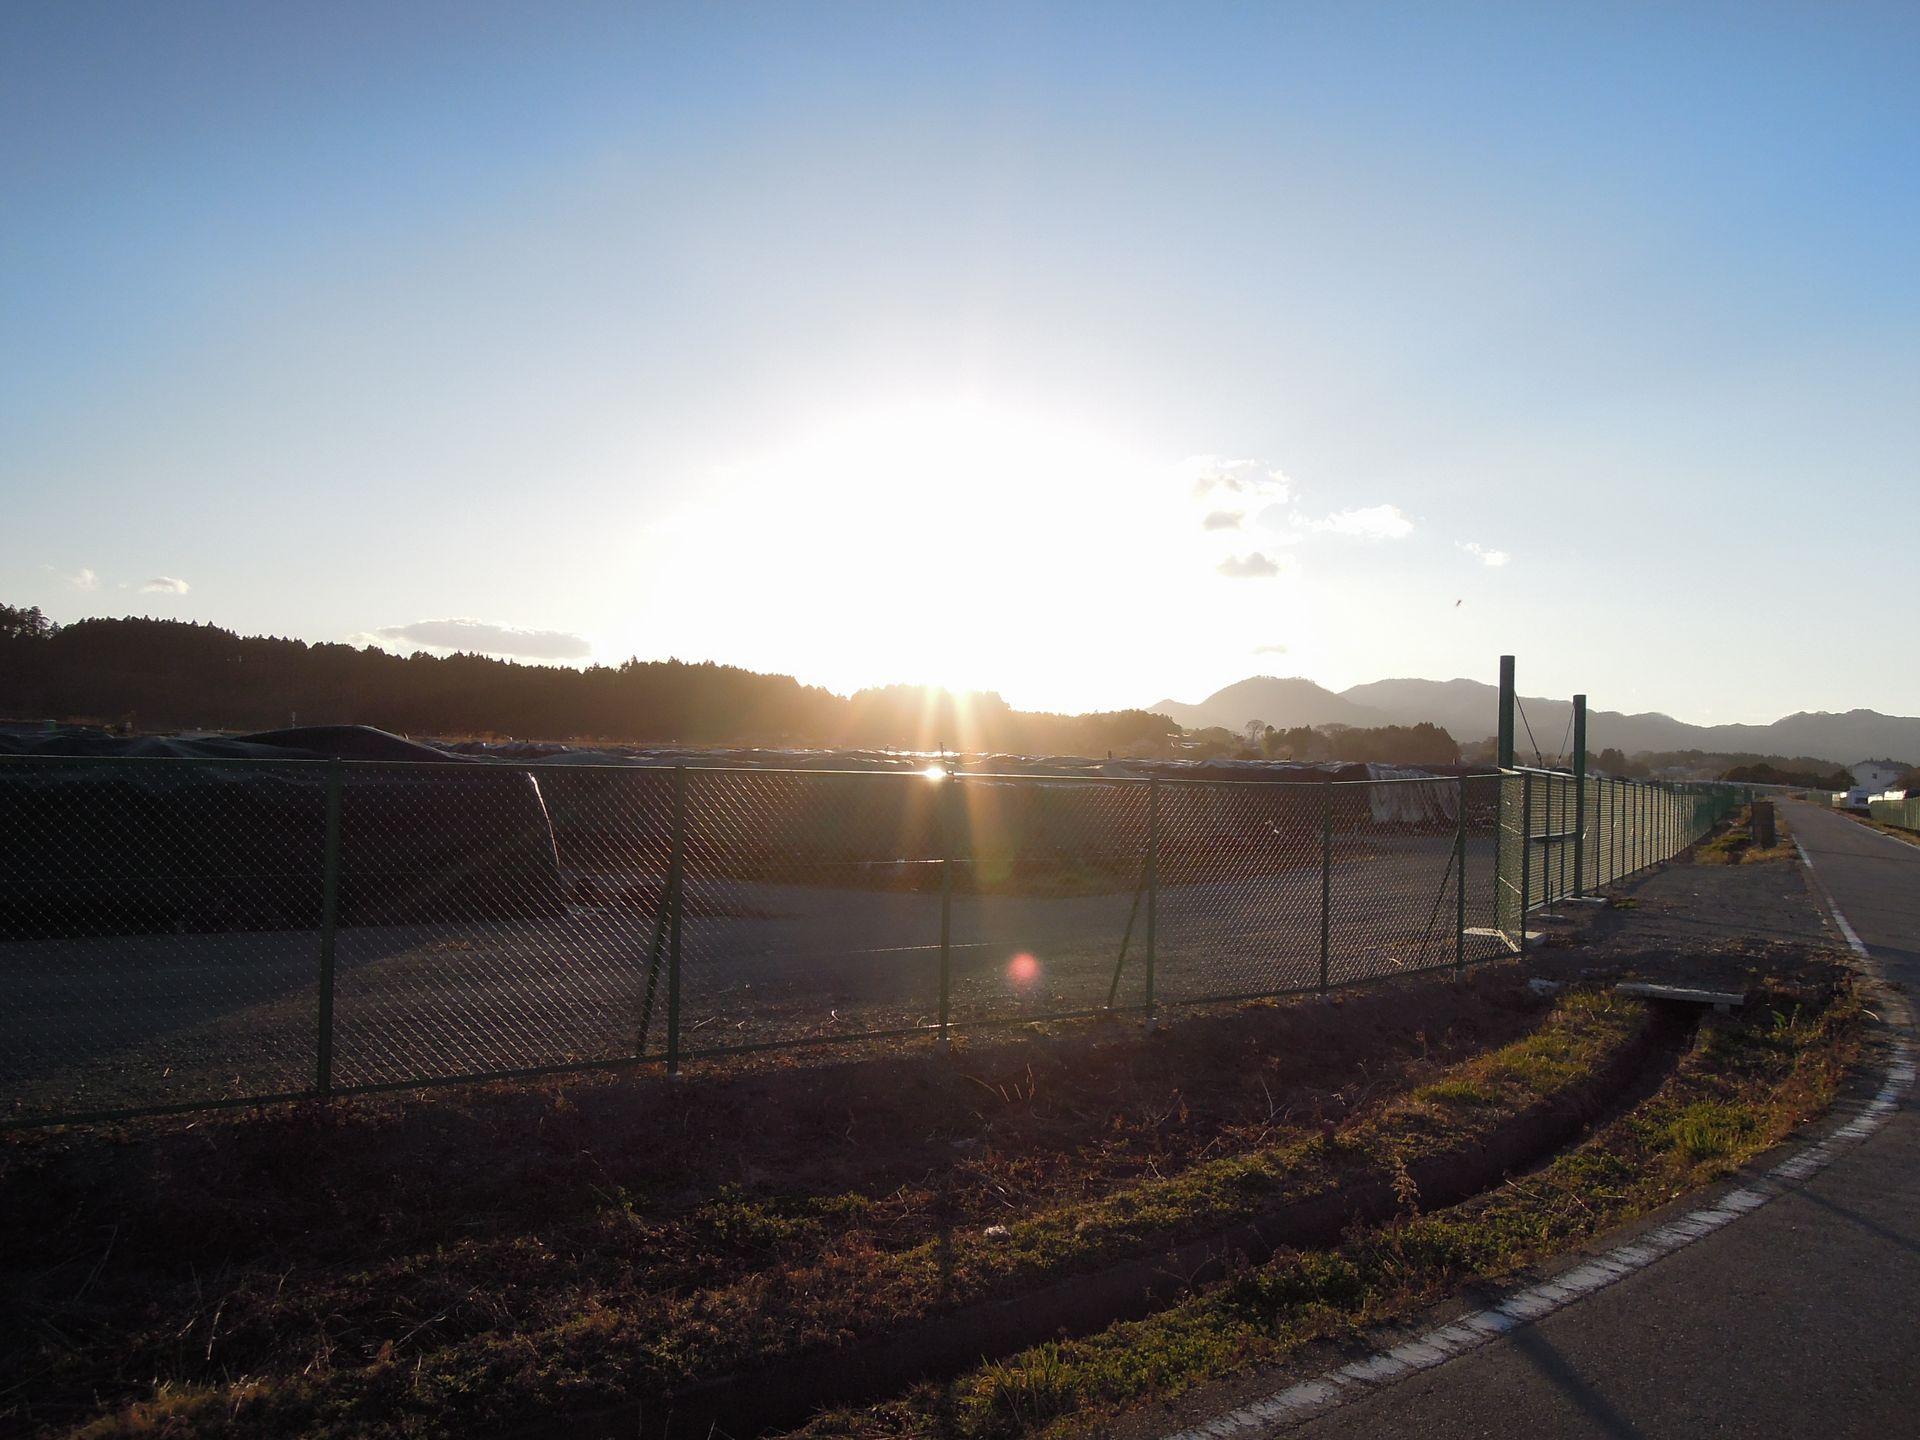 フレコンバッグの果てから果てから戻る - 2016/03/21 福島県 竜田駅から富岡駅 徒歩記録